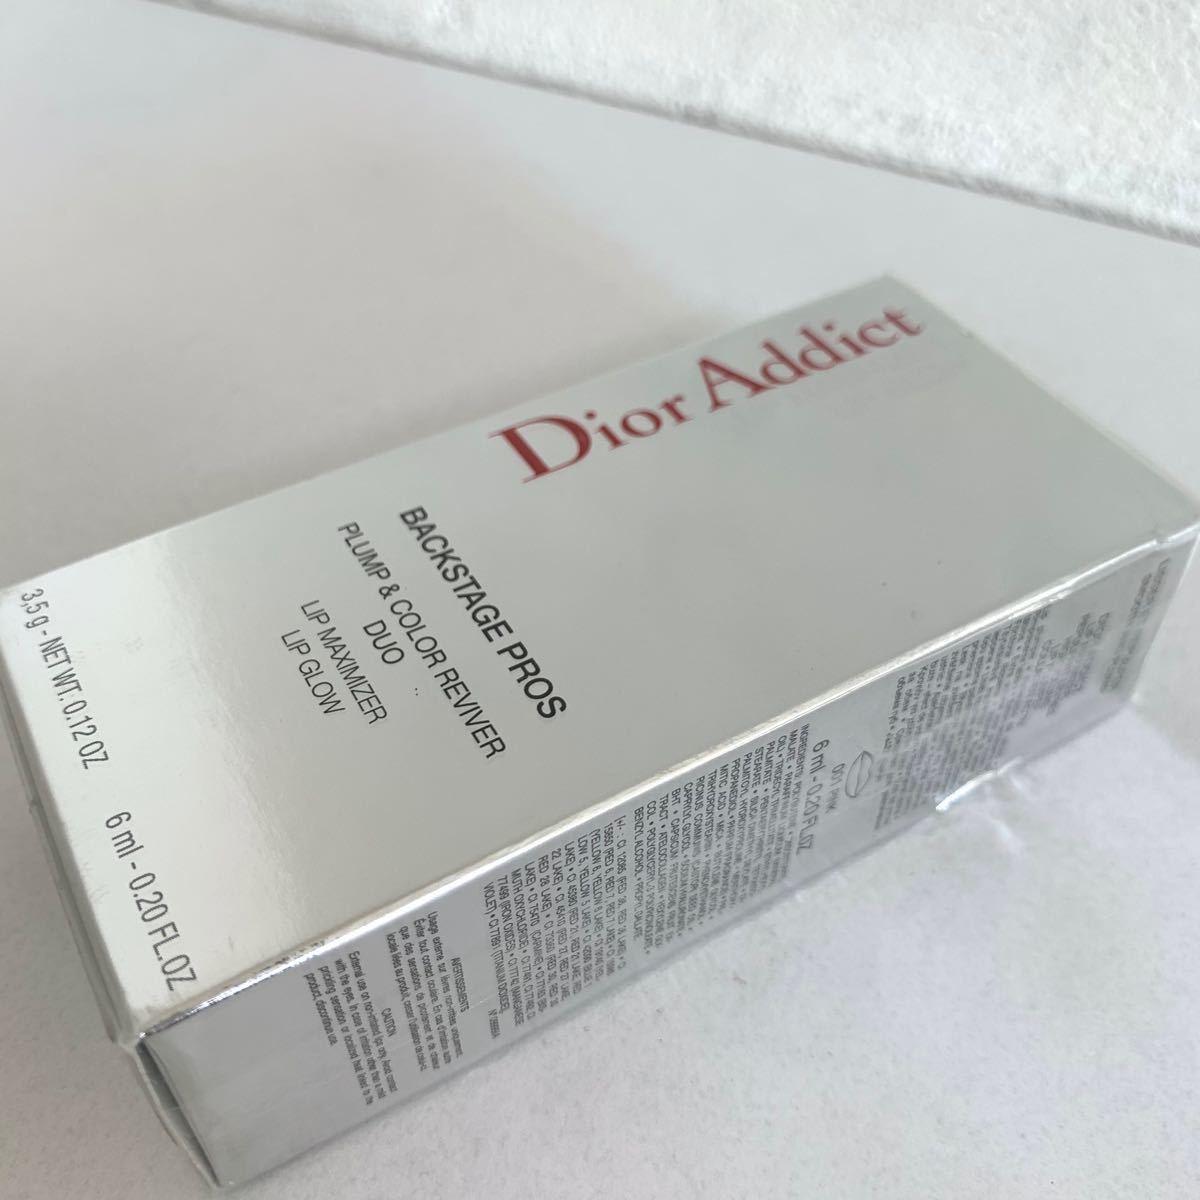 Dior ディオールアディクトリップ ディオールアディクト マキシマイザー リップグロウ リップグロス リップマキシマイザー